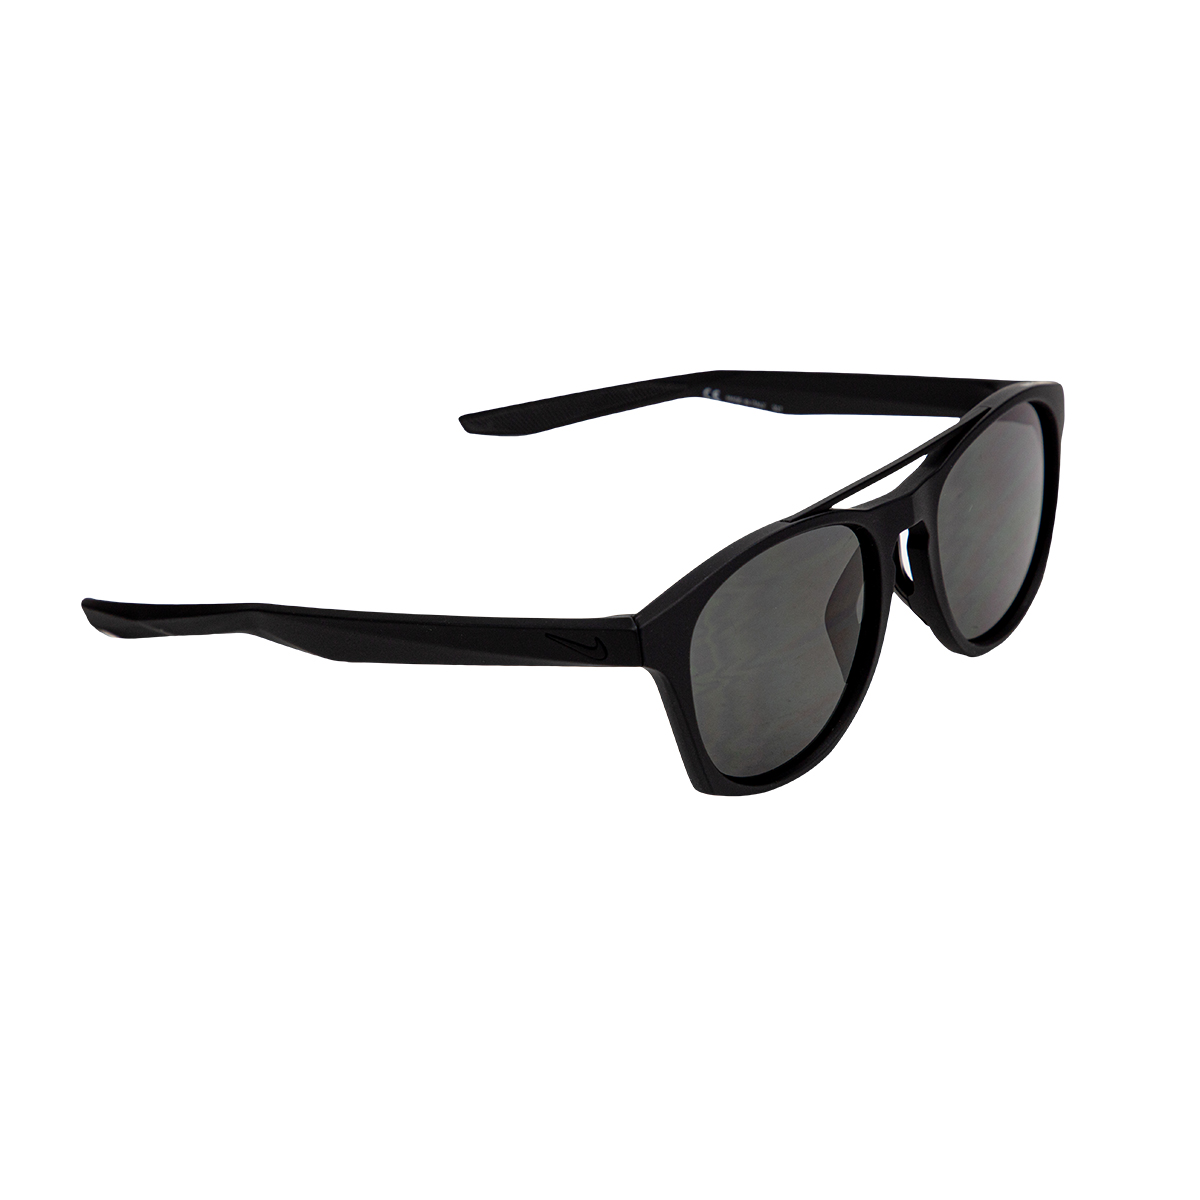 Nike-Current-EV1057-Sunglasses thumbnail 7